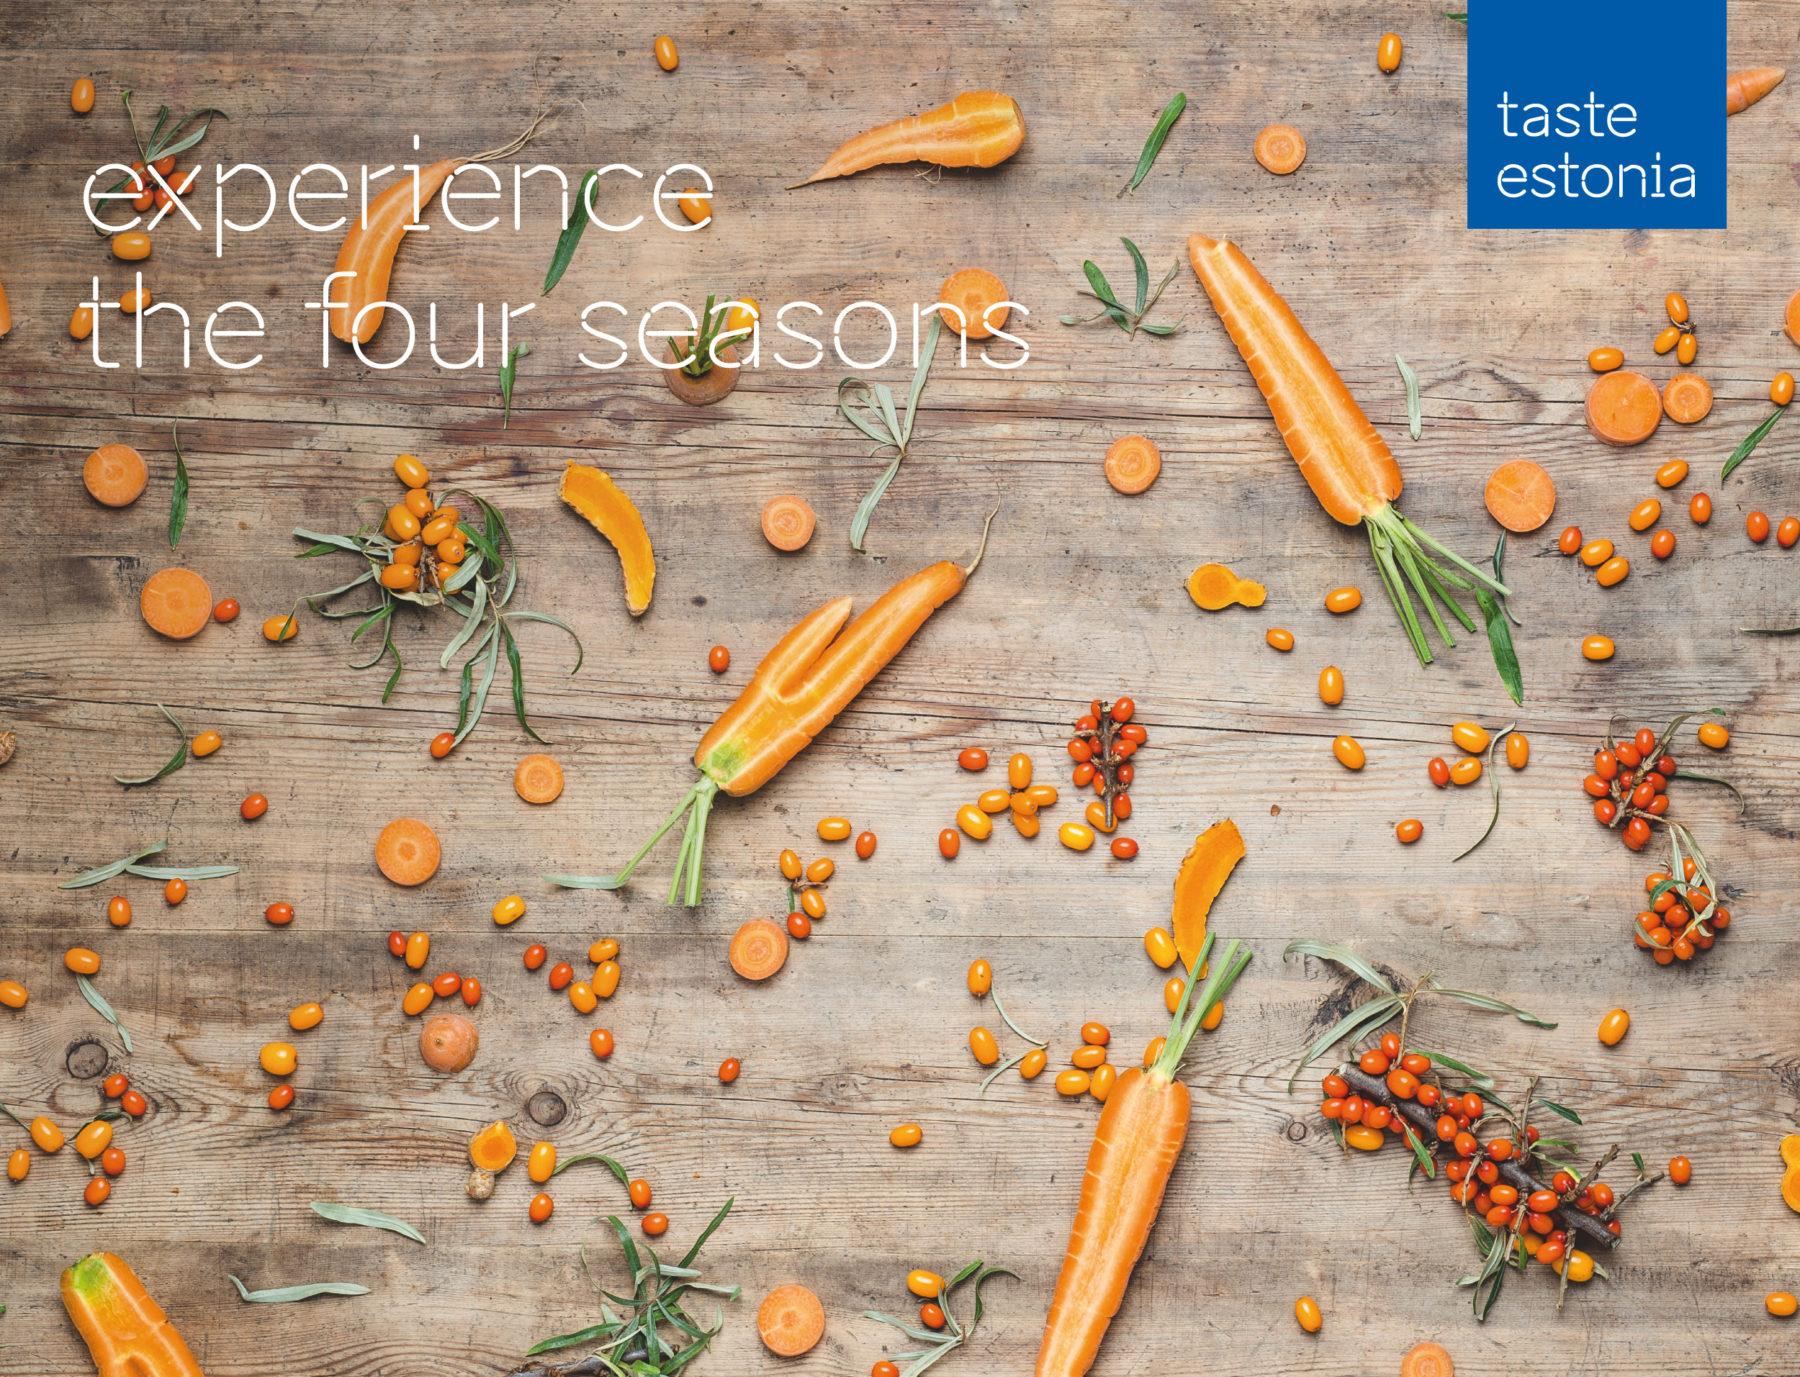 Taste Estonia photo wall with carrots